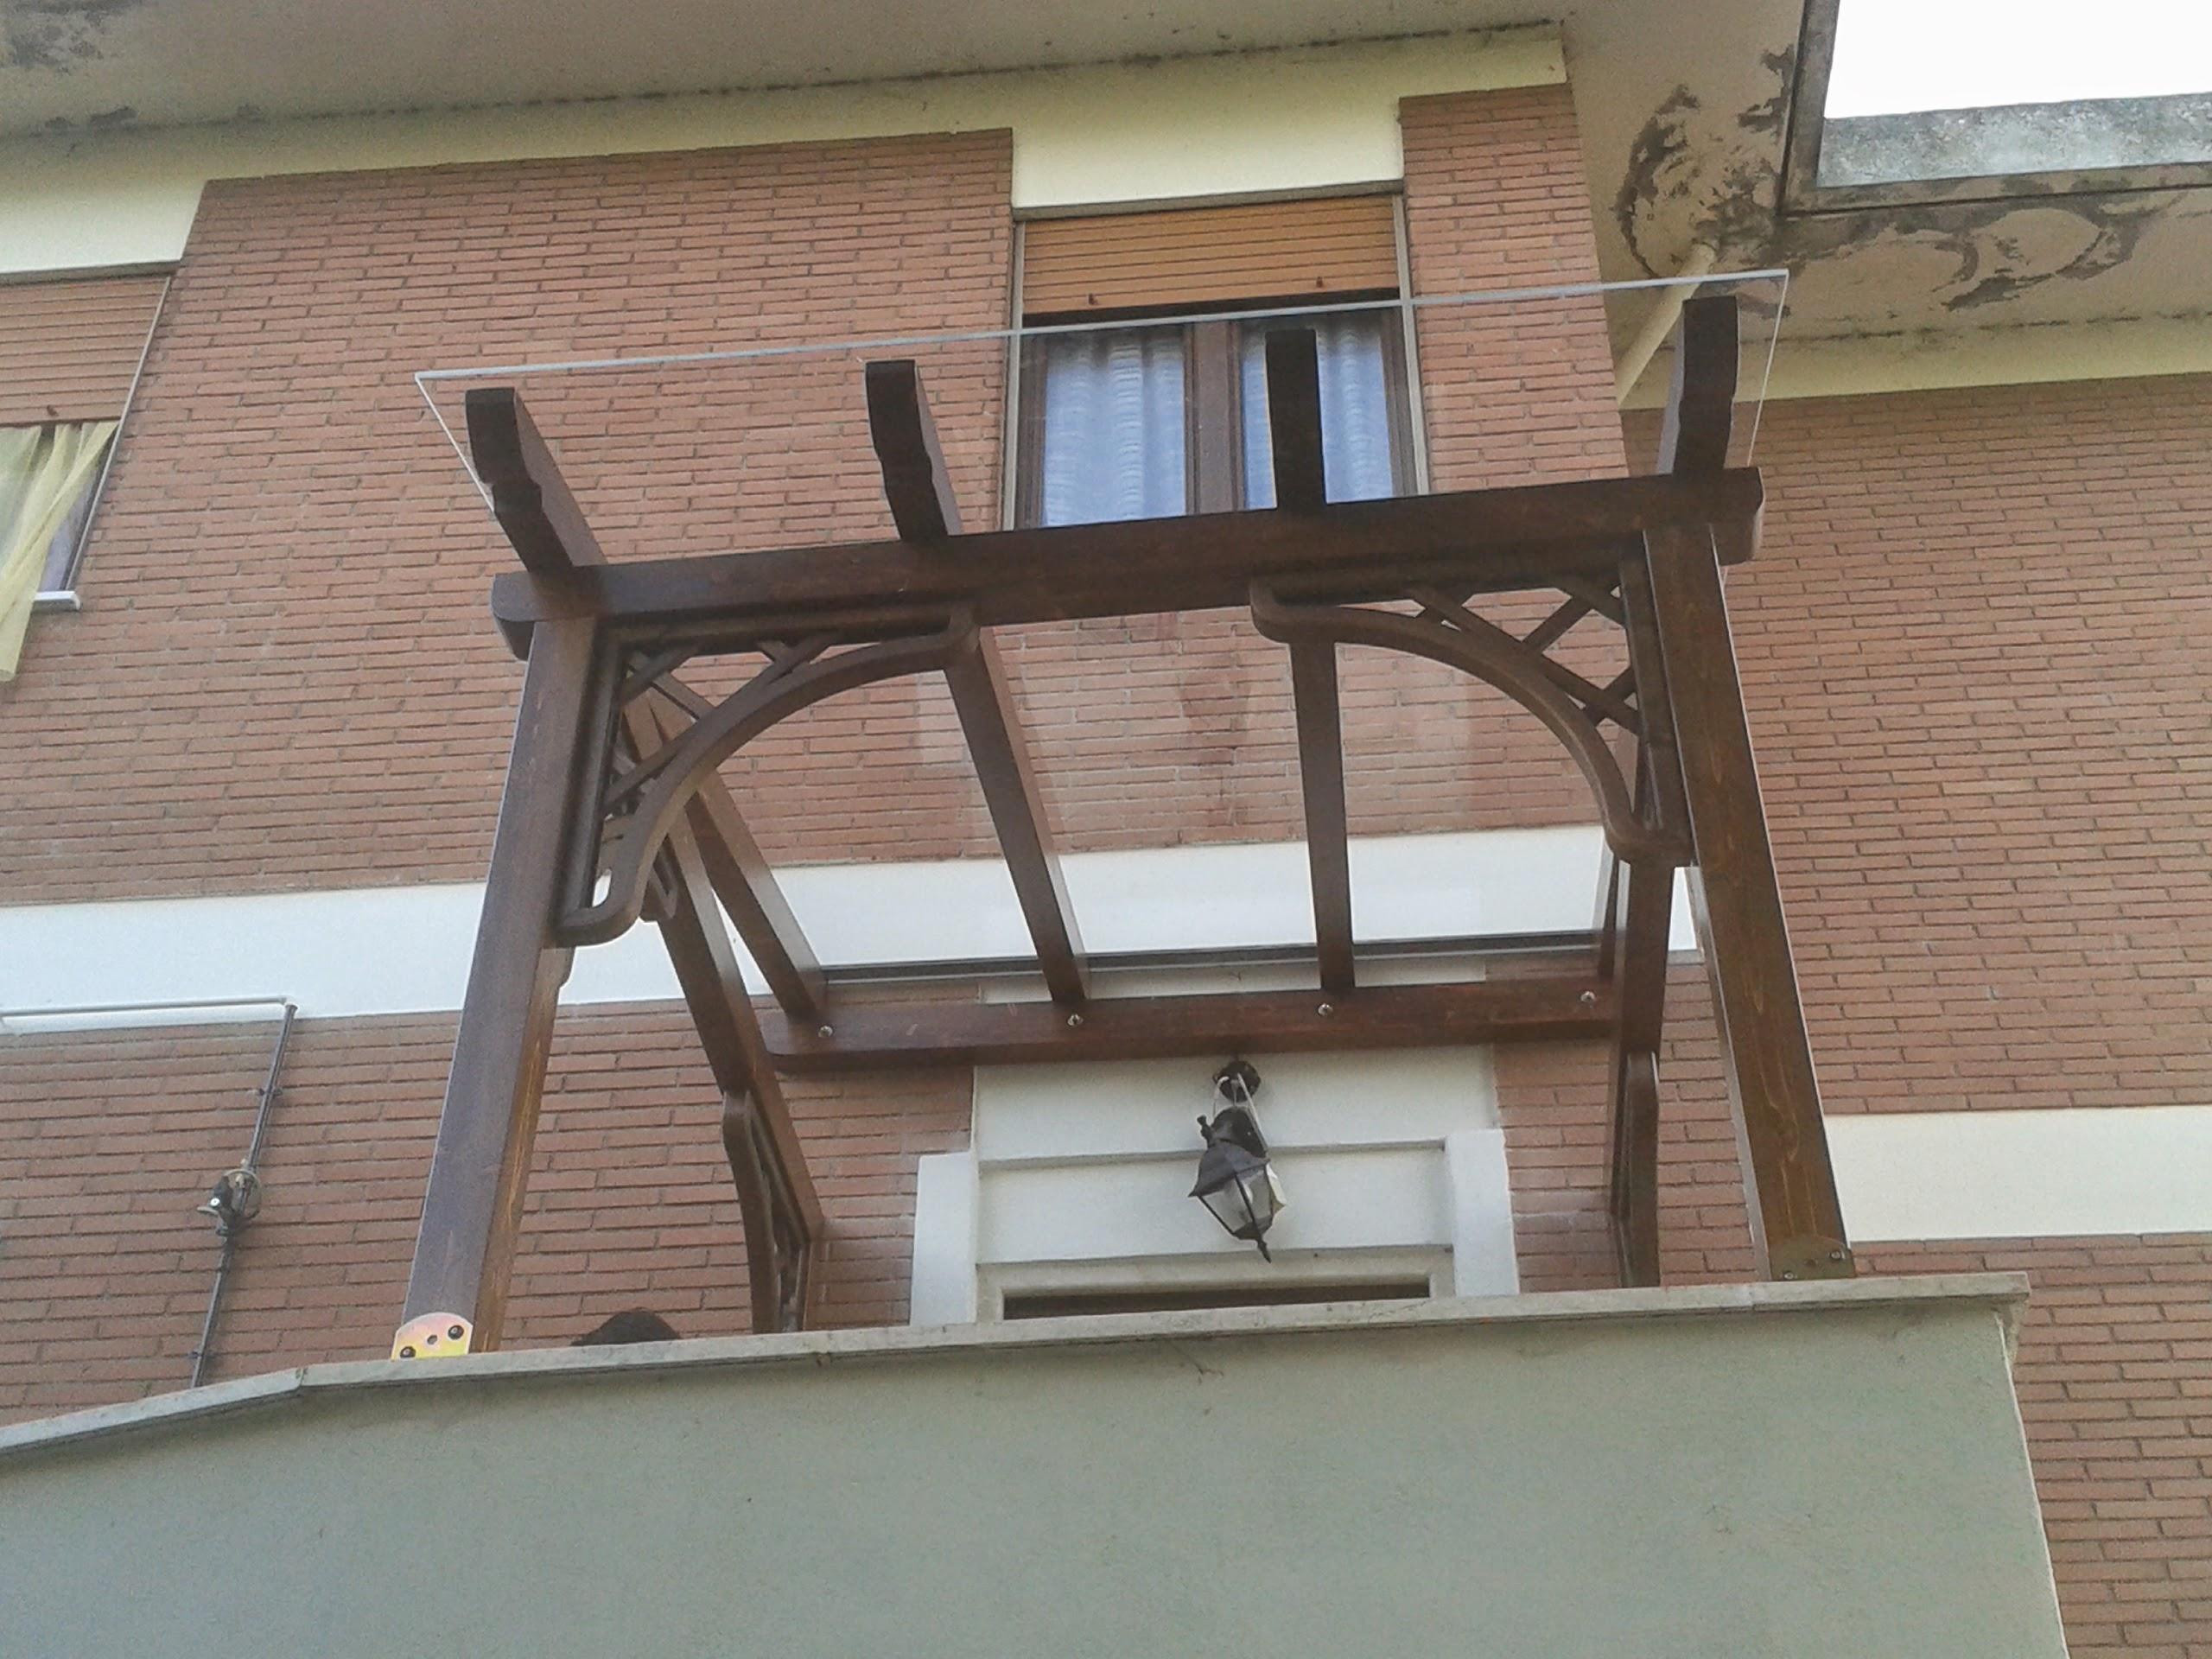 Arredo esterno grigliati pergolati gazebi tutto su misura roma